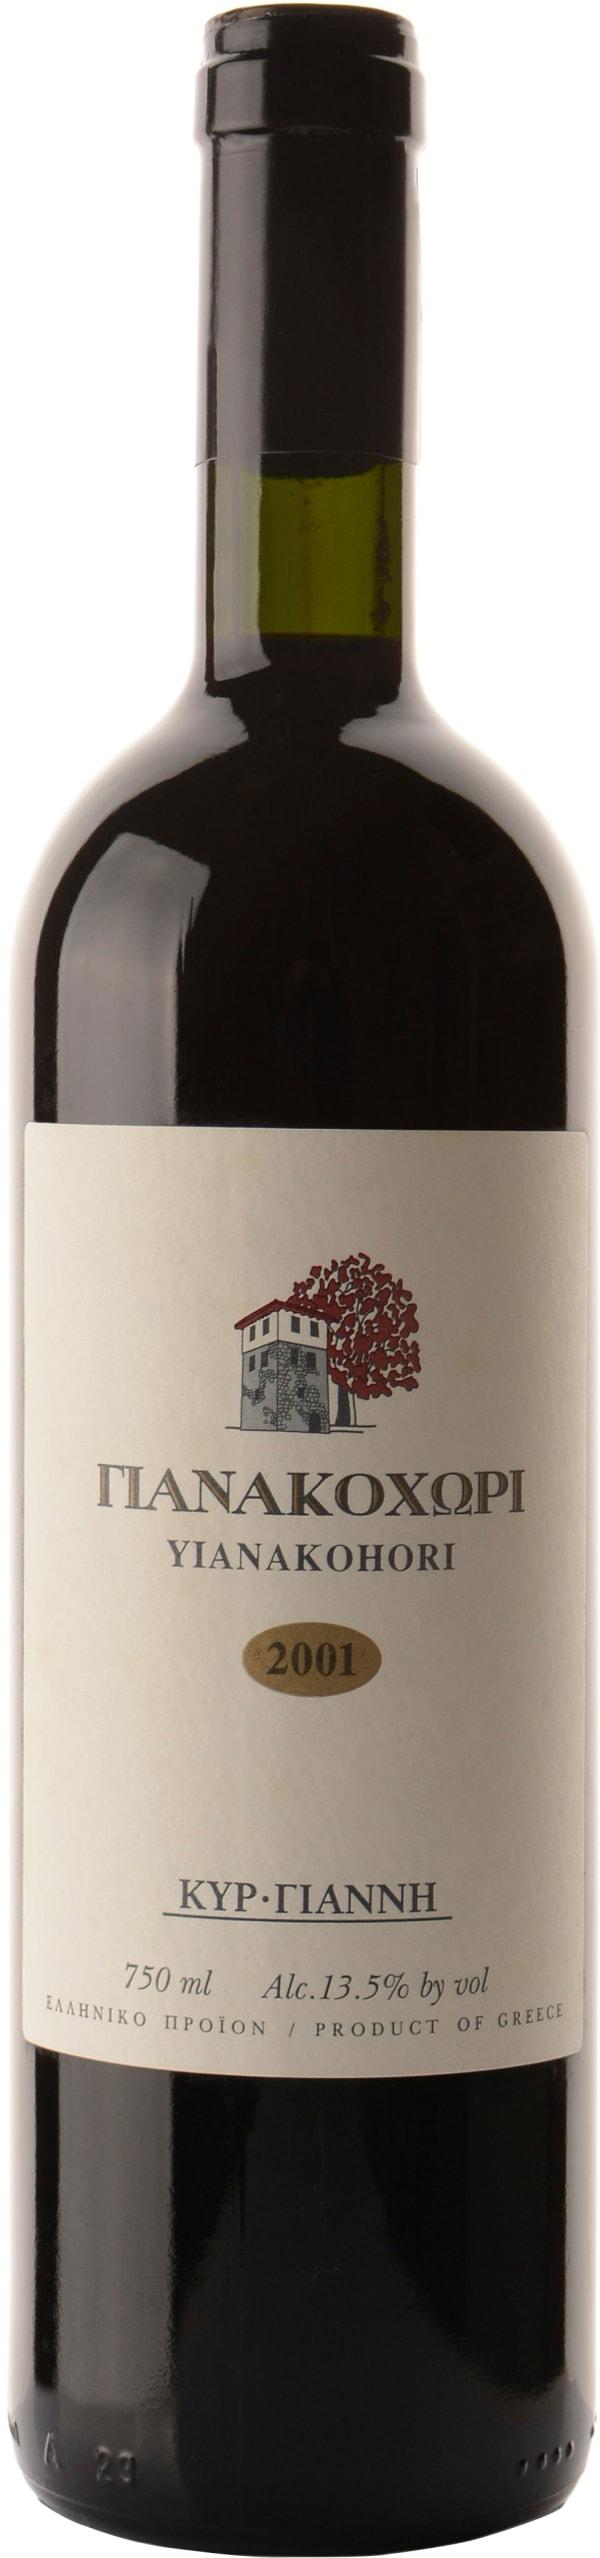 Kir-Yianni Yianakohori 2001